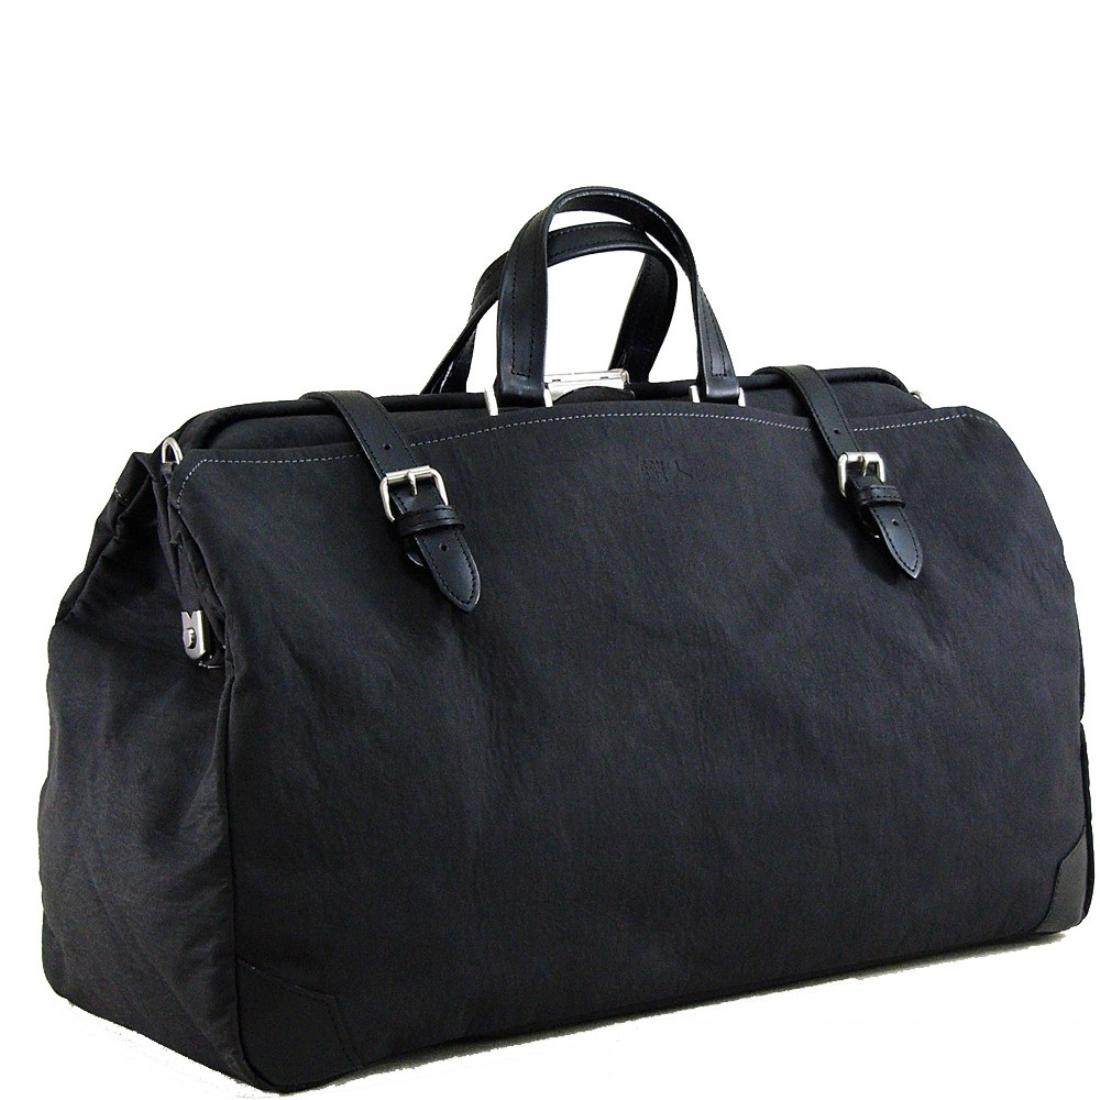 バックスキン調合皮フェイクレザーボストンバッグ ブラック 日本製革 ボストン バッグ 鞄 ドライブ トラベル 旅行 バッグ 本革付属